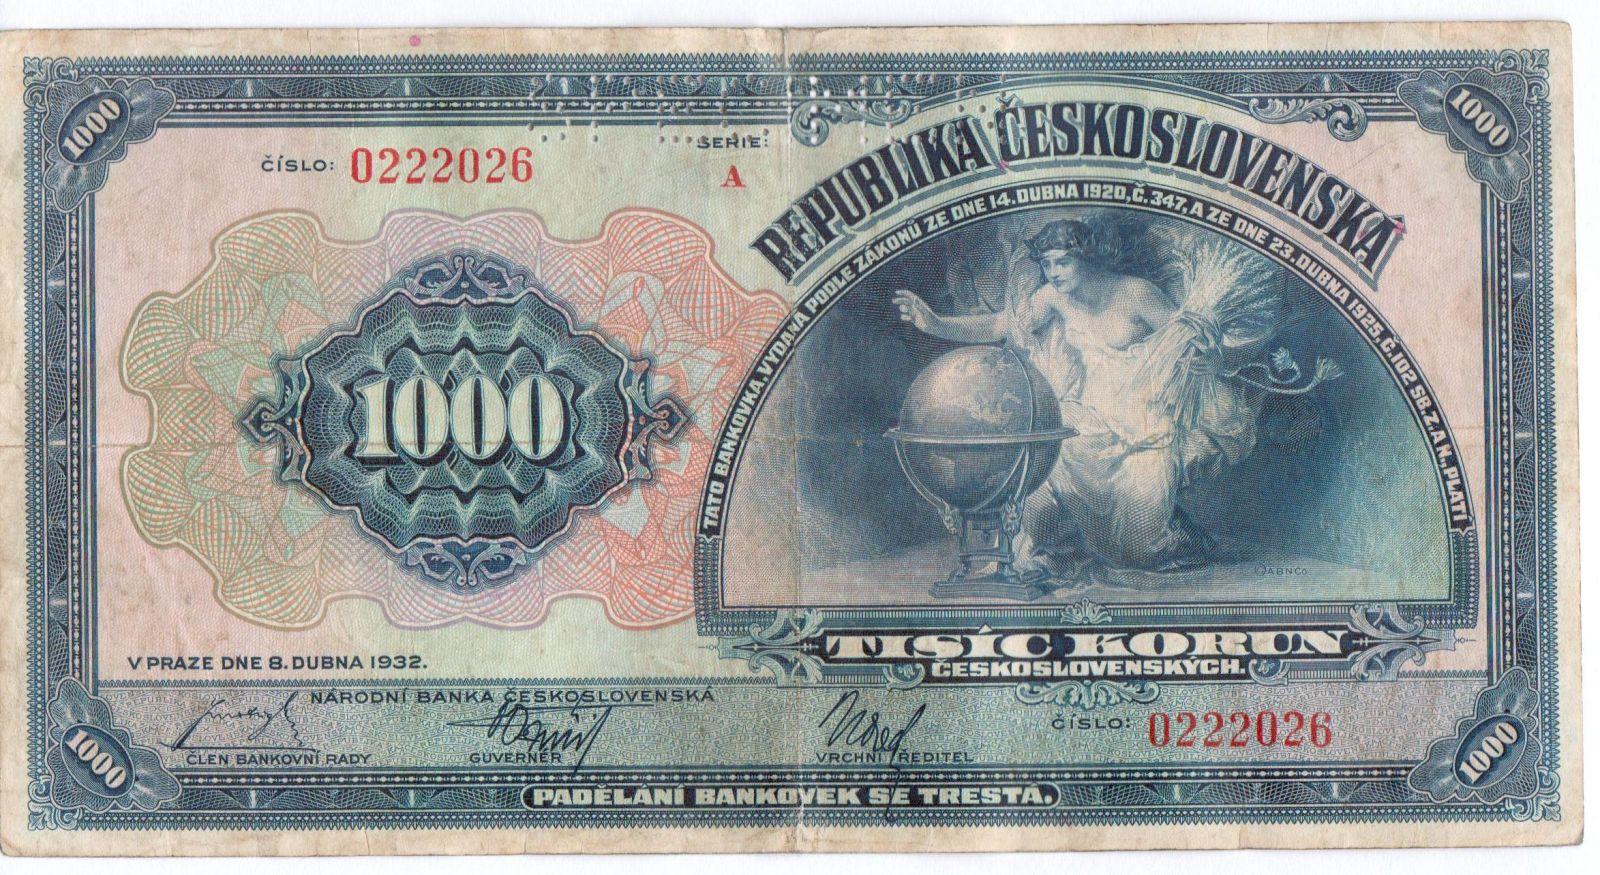 1000Kč/1932/, stav 2- perf. SPECIMEN, série A 0222026